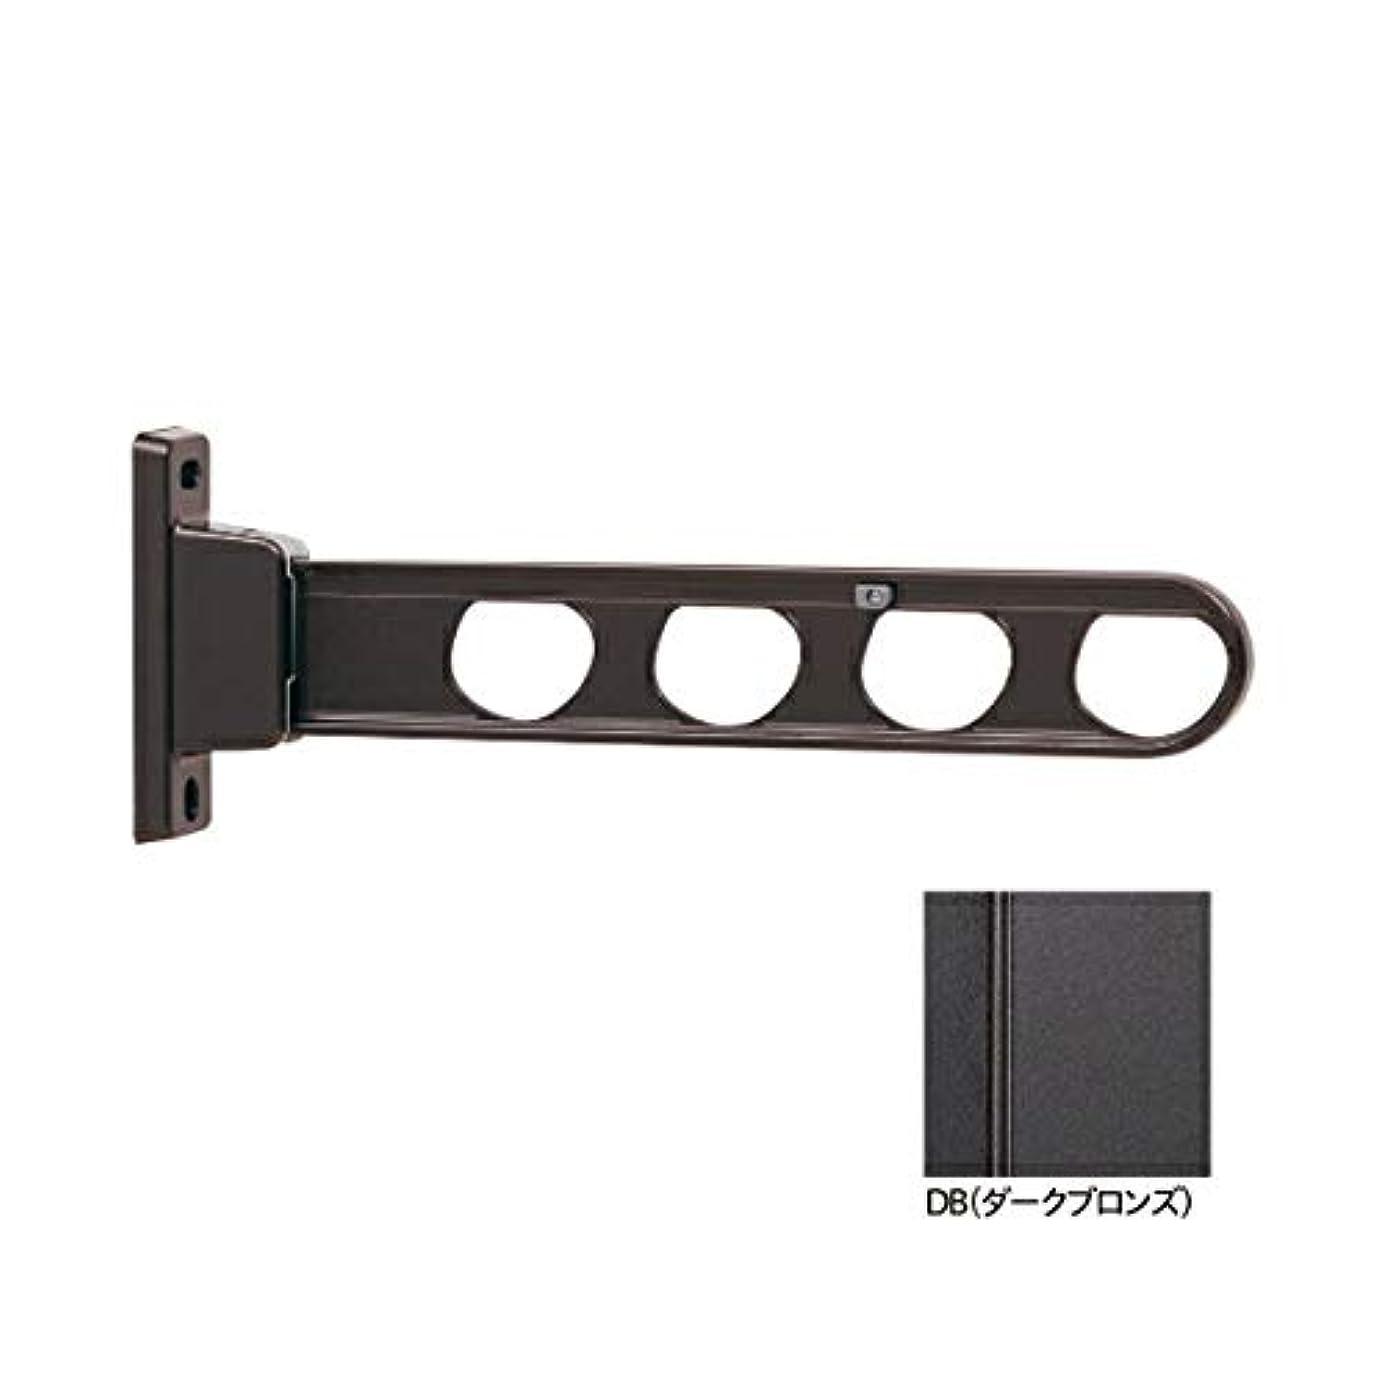 逸話再発する最大限川口技研:腰壁用ホスクリーン HD-45型(2本入) DB(ダークブロンズ) HD-45-DB